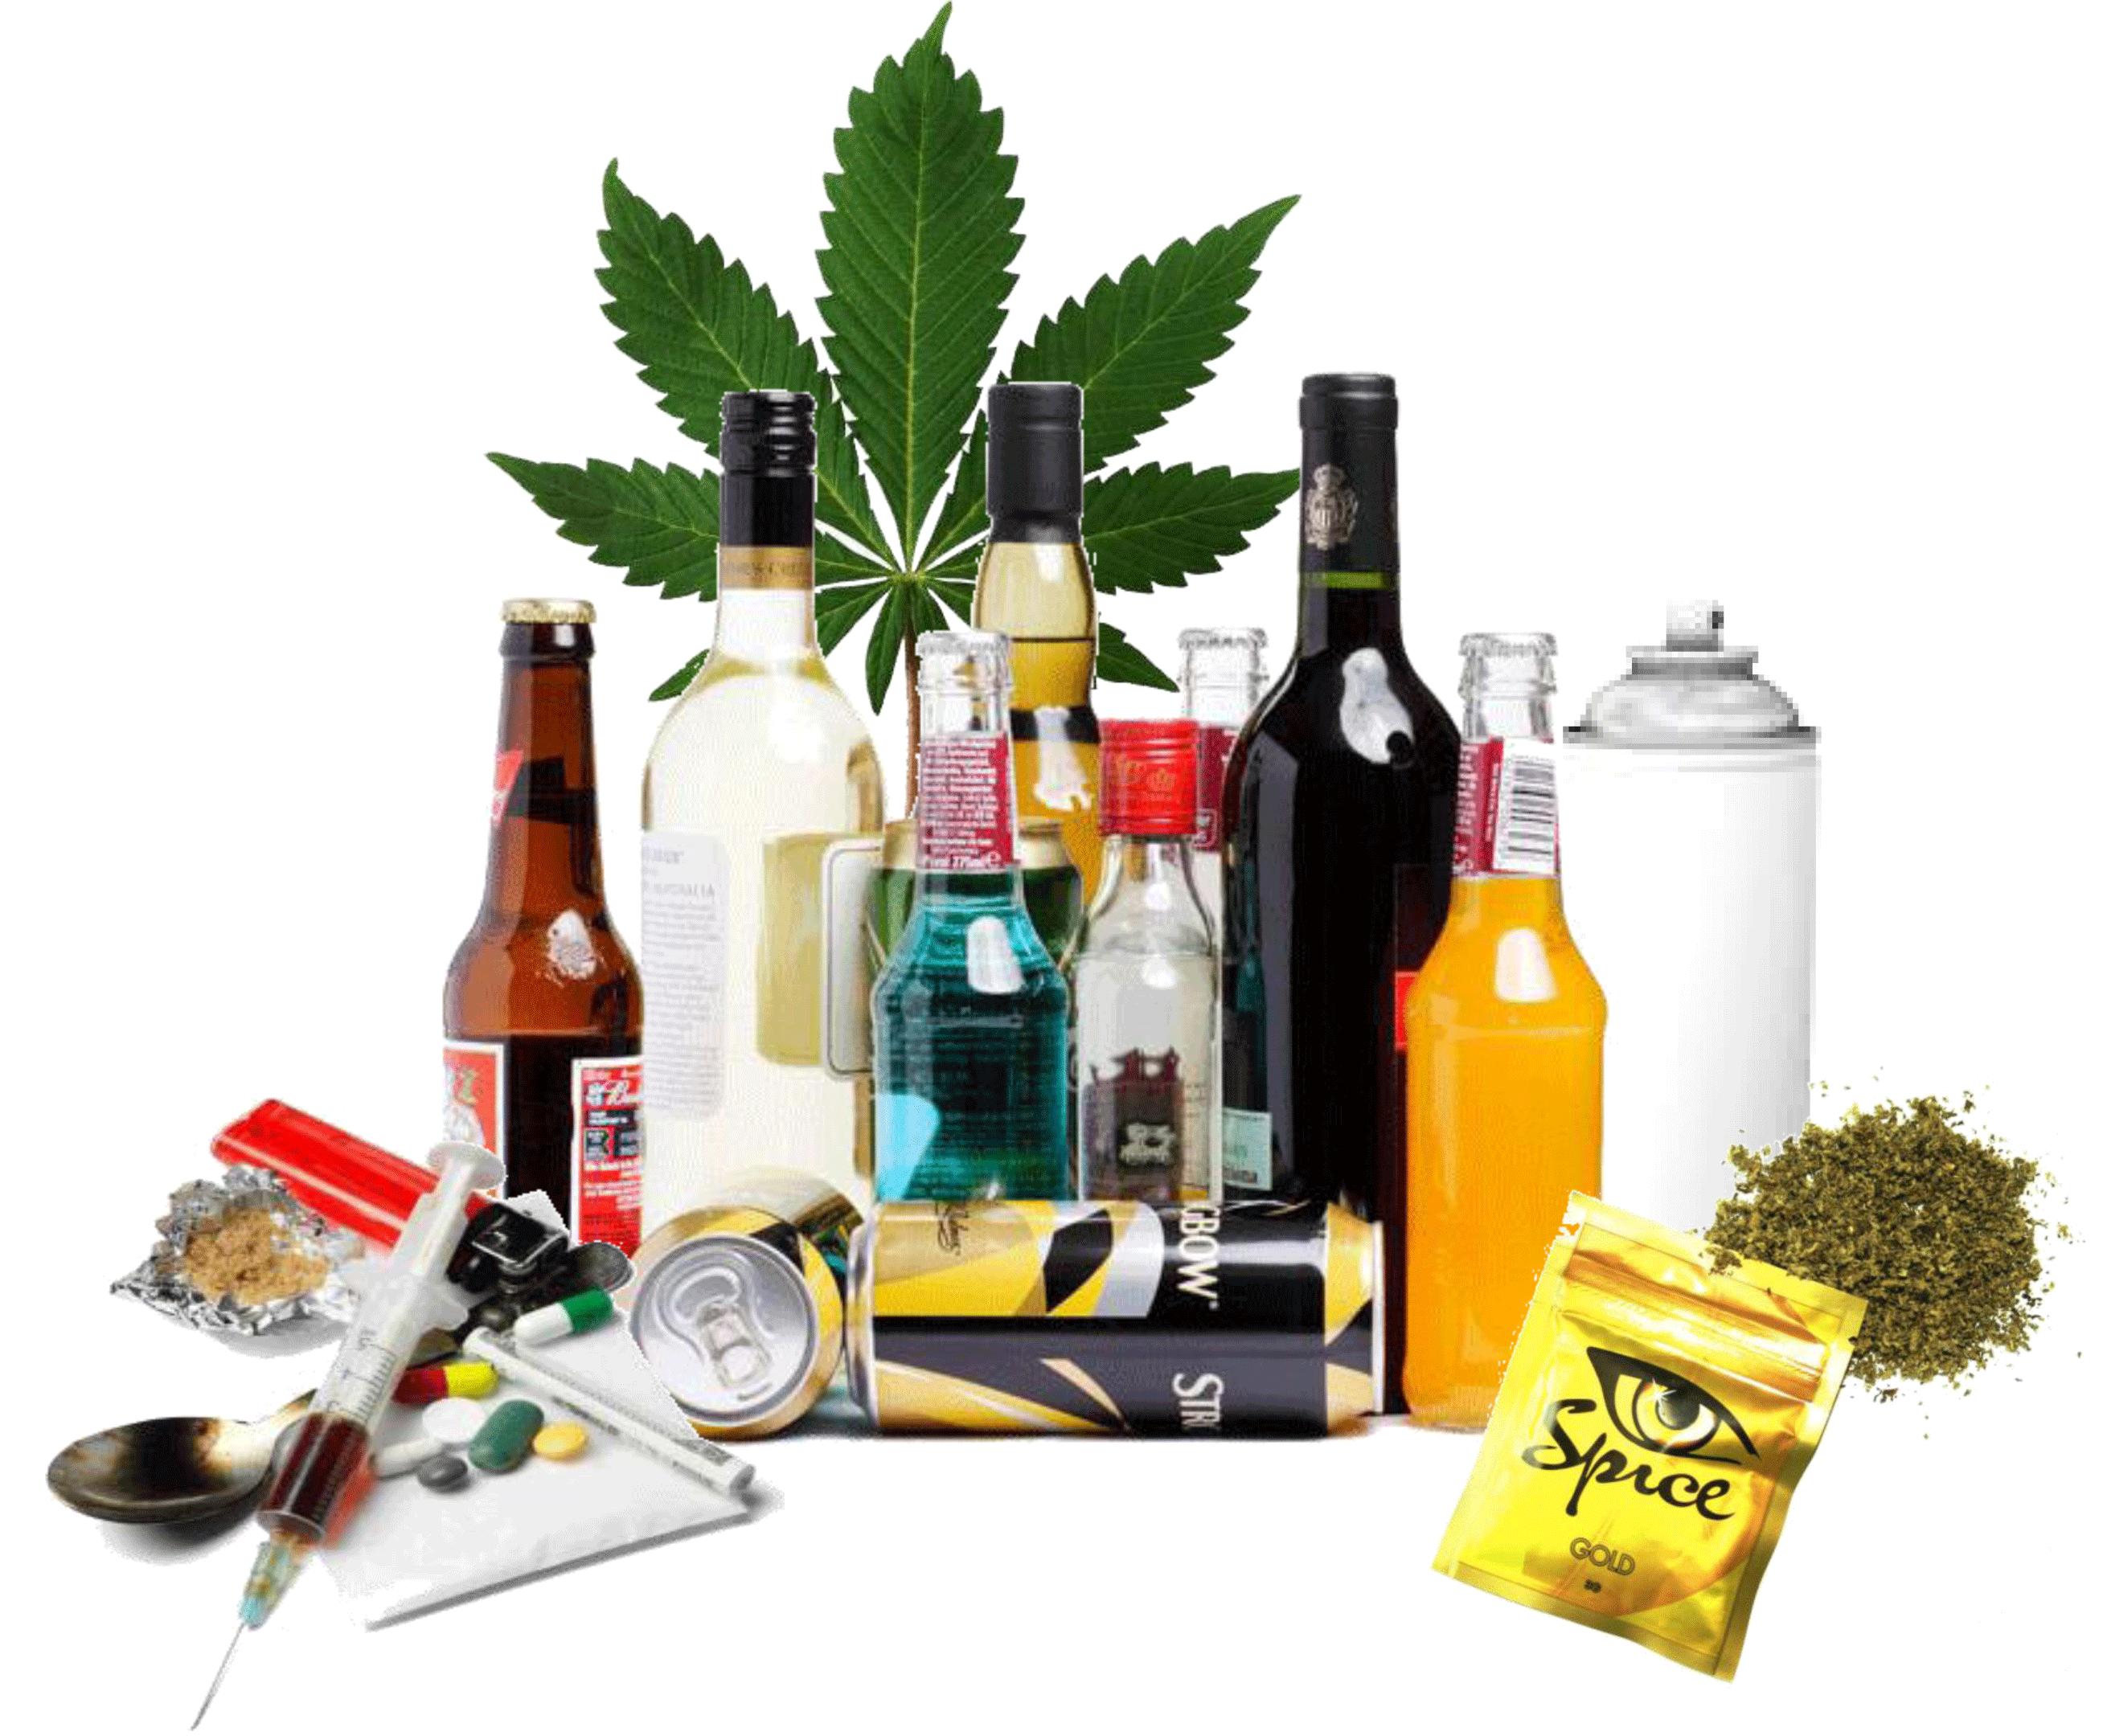 Drank en drugs, geaccepteerd in Nederland, maar wat zijn de gevolgen?